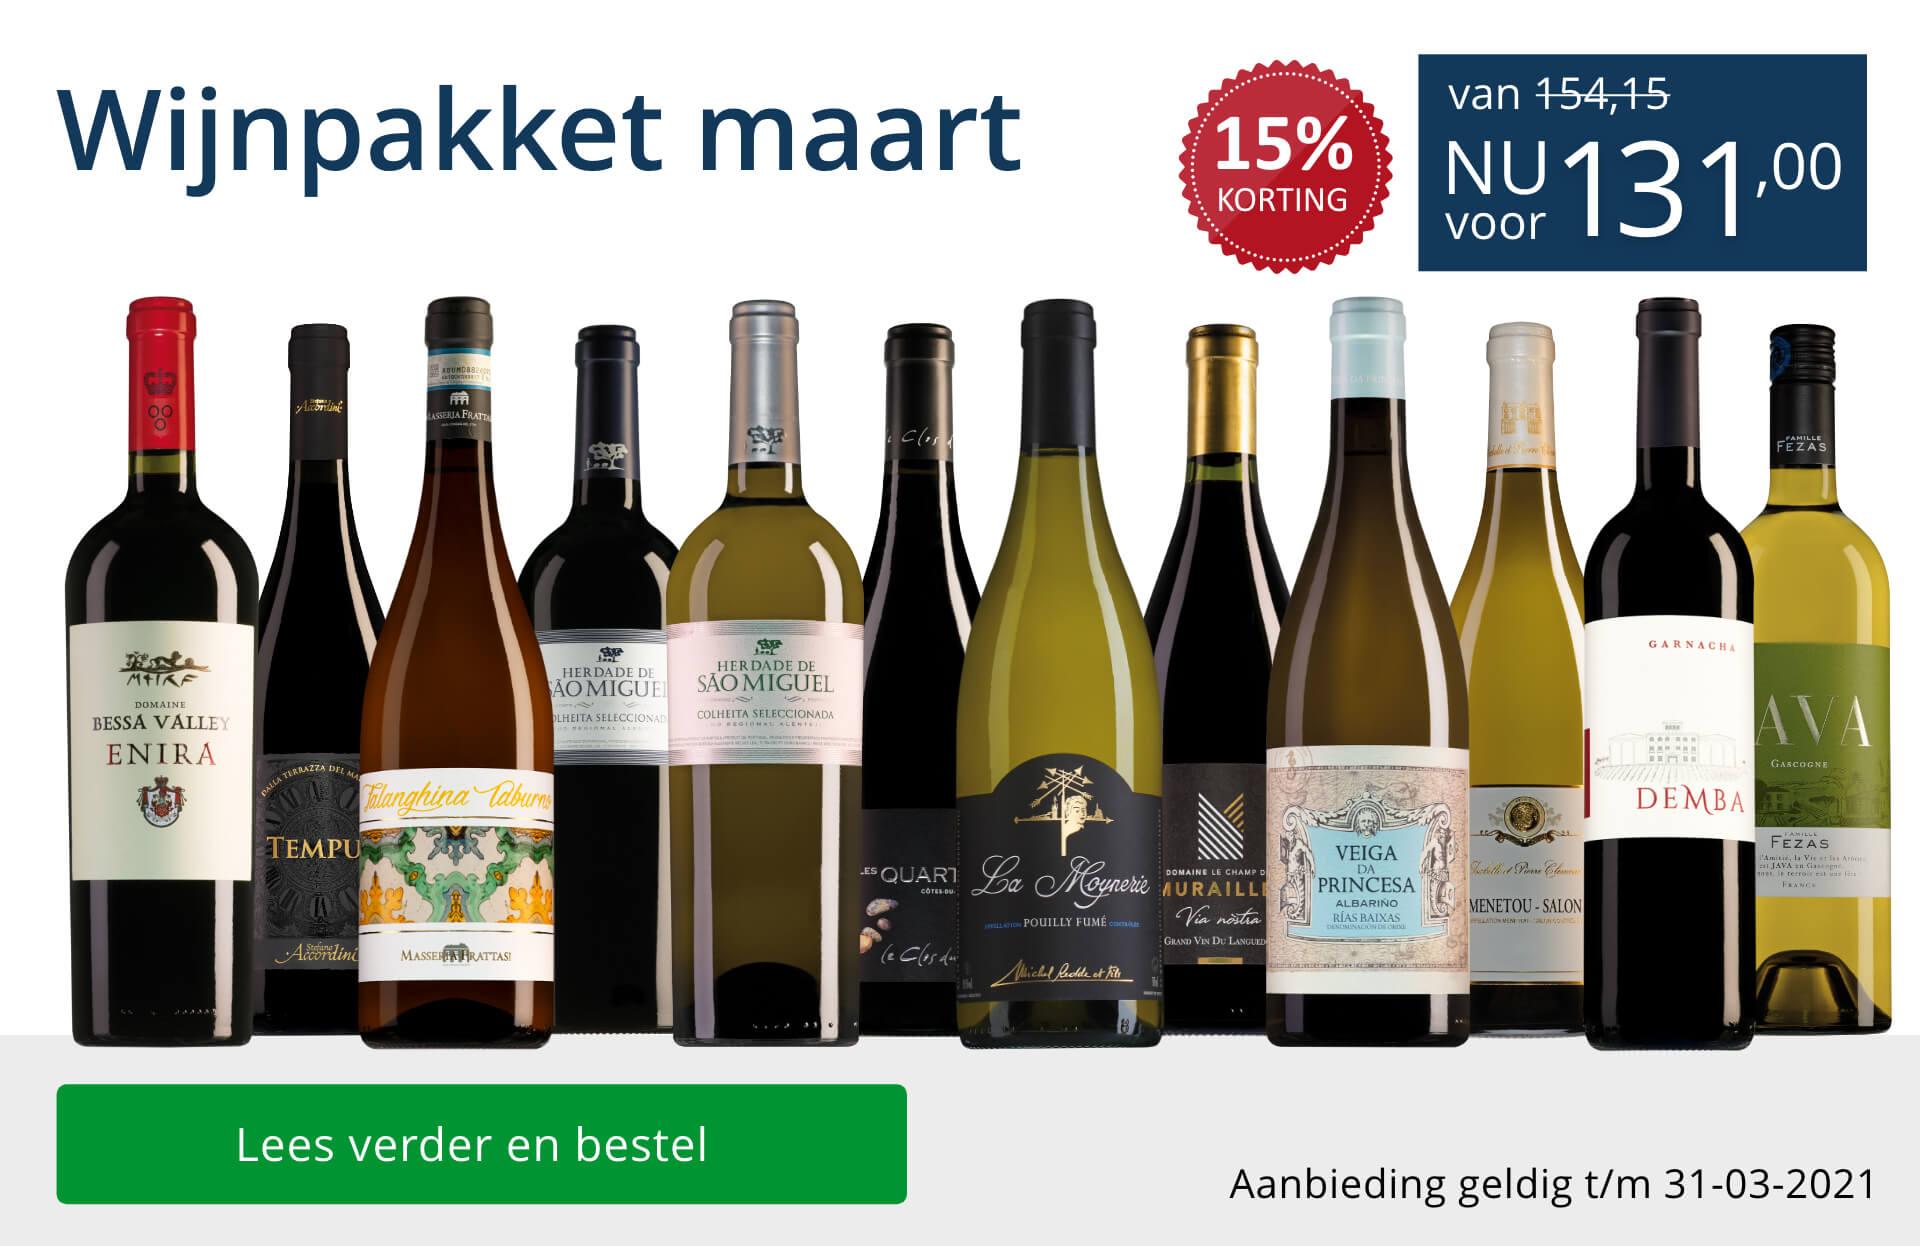 Wijnpakket wijnbericht maart 2021(131,00) - blauw